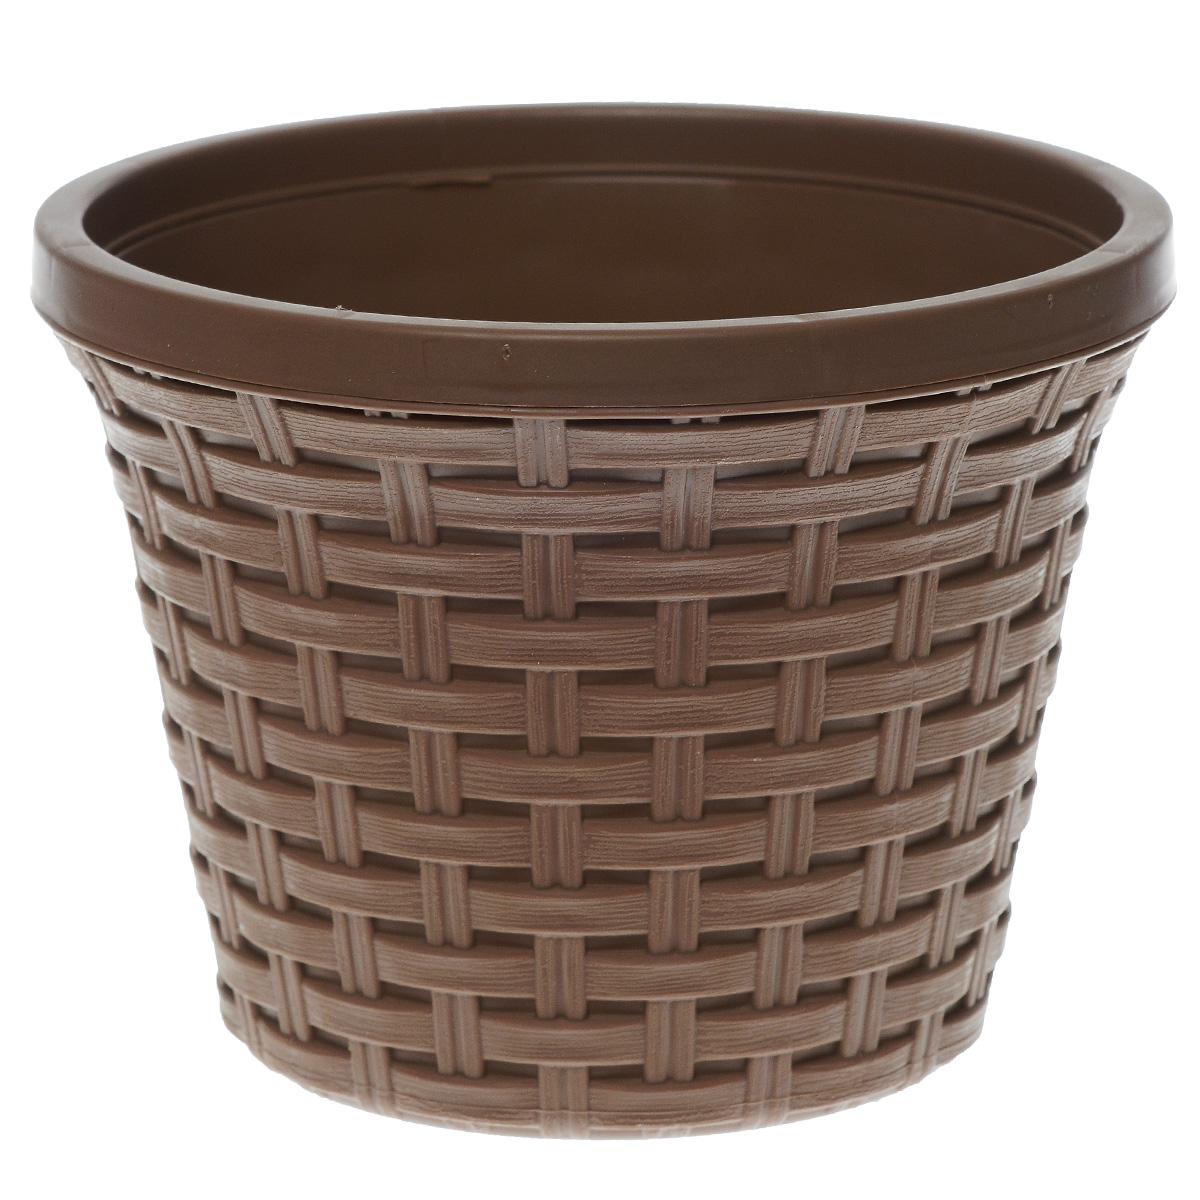 Кашпо Violet Ротанг, с дренажной системой, цвет: какао, 2,2 л32220/17Кашпо Violet Ротанг изготовлено из высококачественного пластика и оснащено дренажной системой для быстрого отведения избытка воды при поливе. Изделие прекрасно подходит для выращивания растений и цветов в домашних условиях. Лаконичный дизайн впишется в интерьер любого помещения.Объем: 2,2 л.